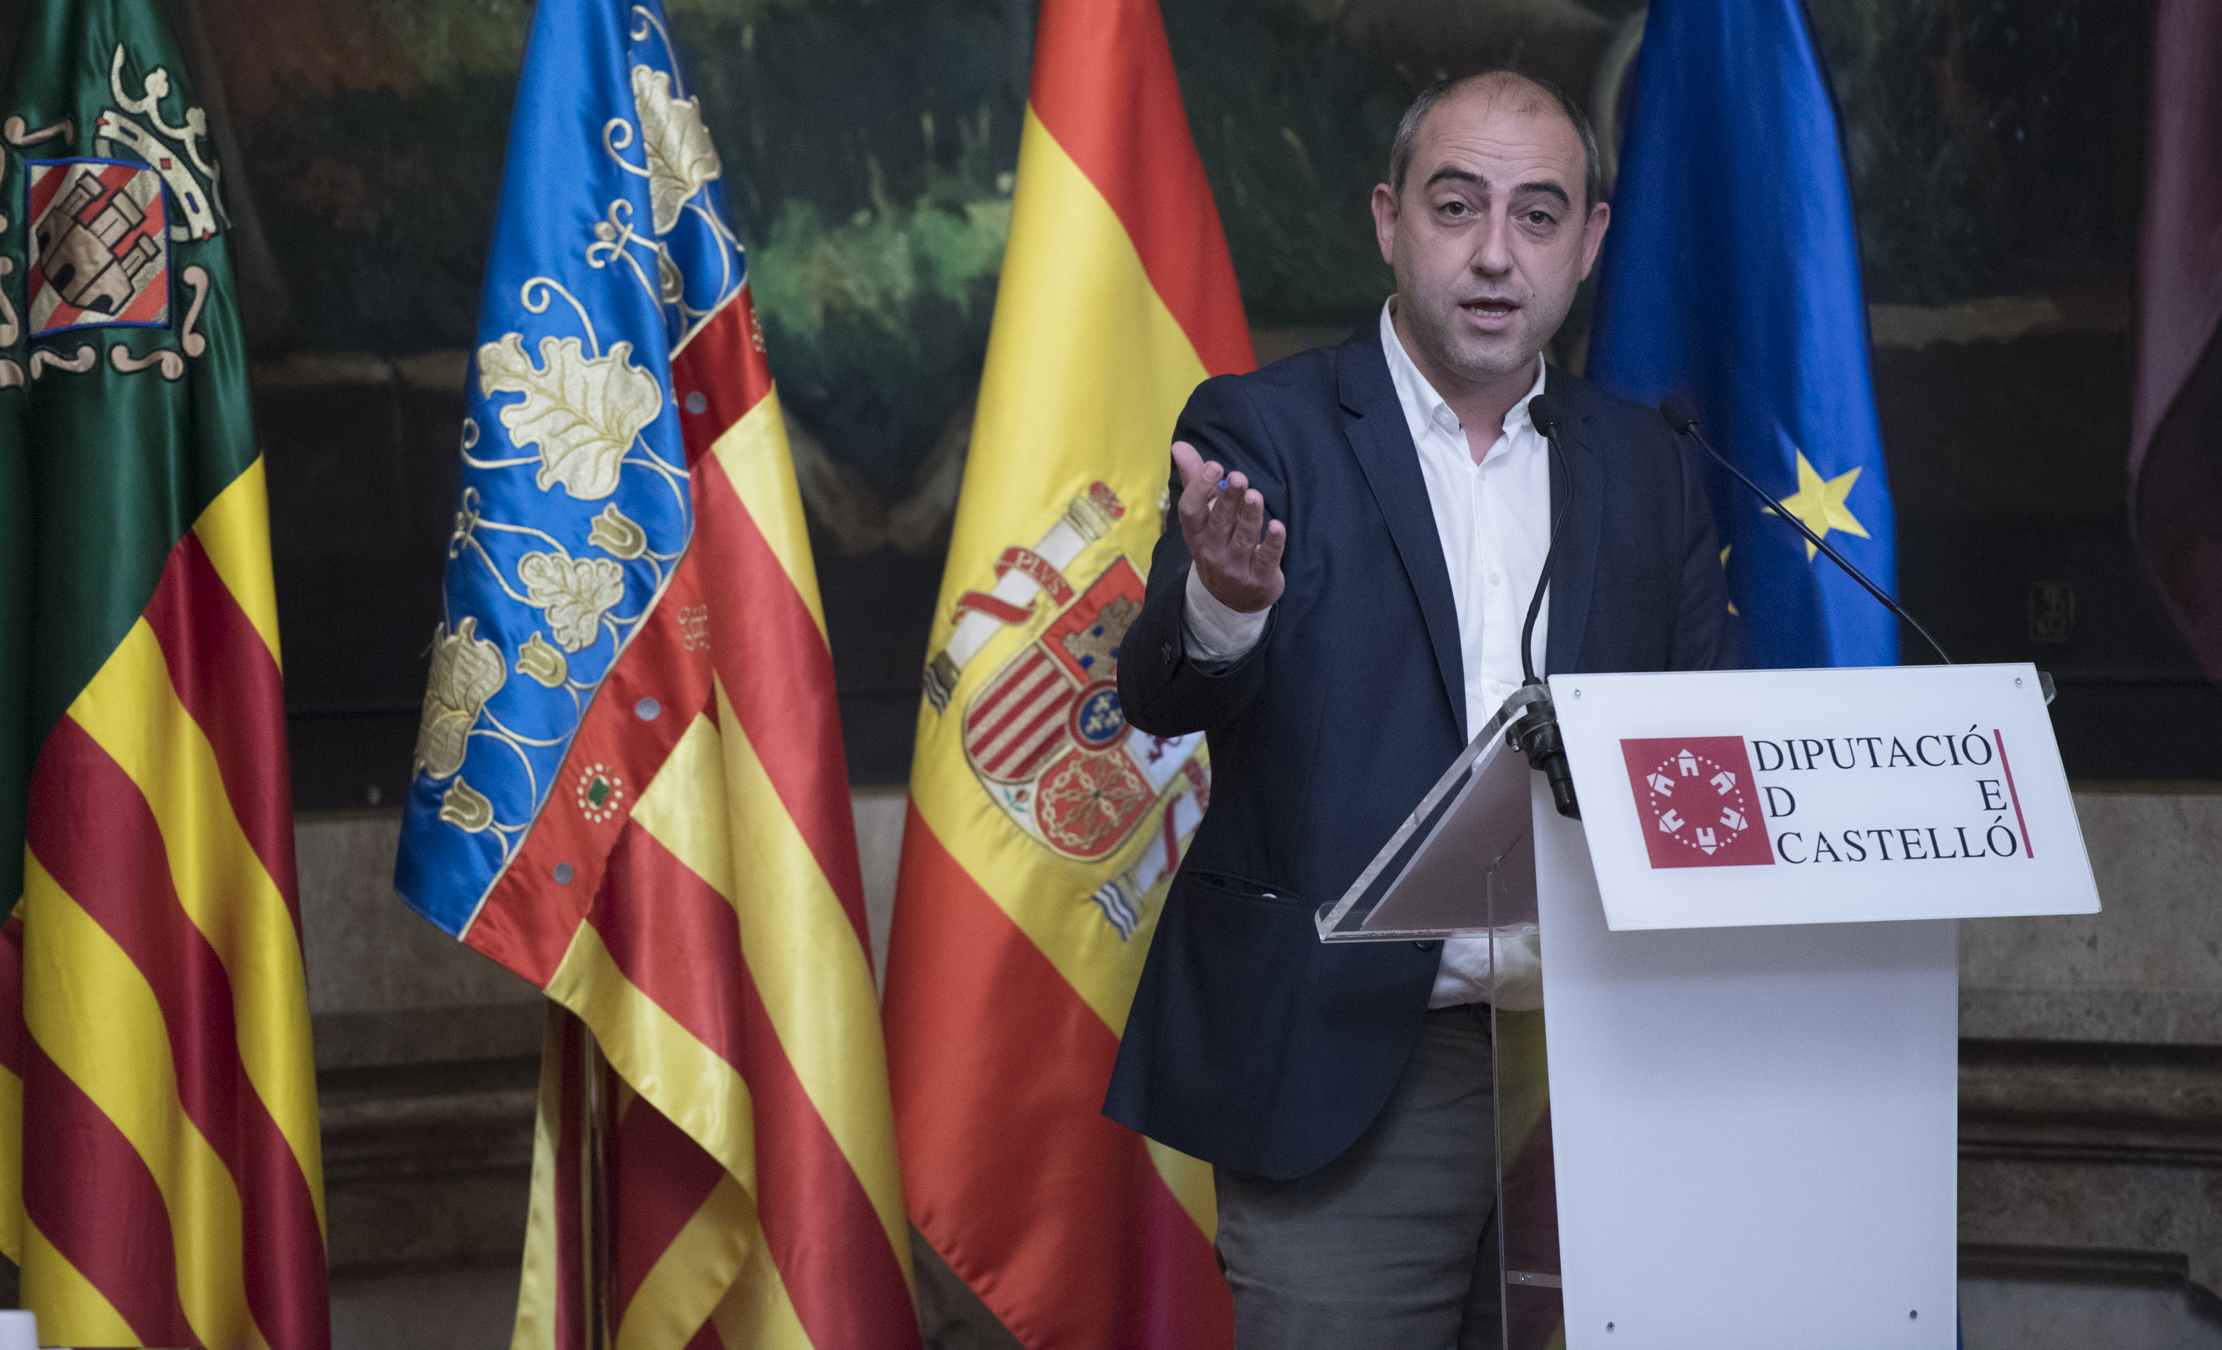 La Diputación de Castellón, aprueba más de 118.000 euros en subvenciones para 26 ganaderías de reses bravas de la provincia